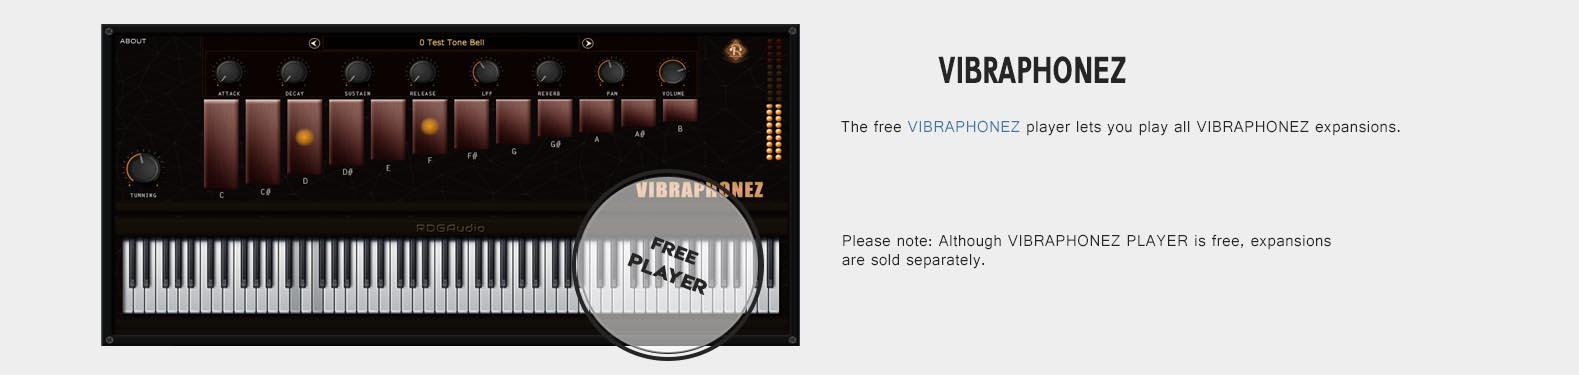 RDGAudio Vibraphonez Player